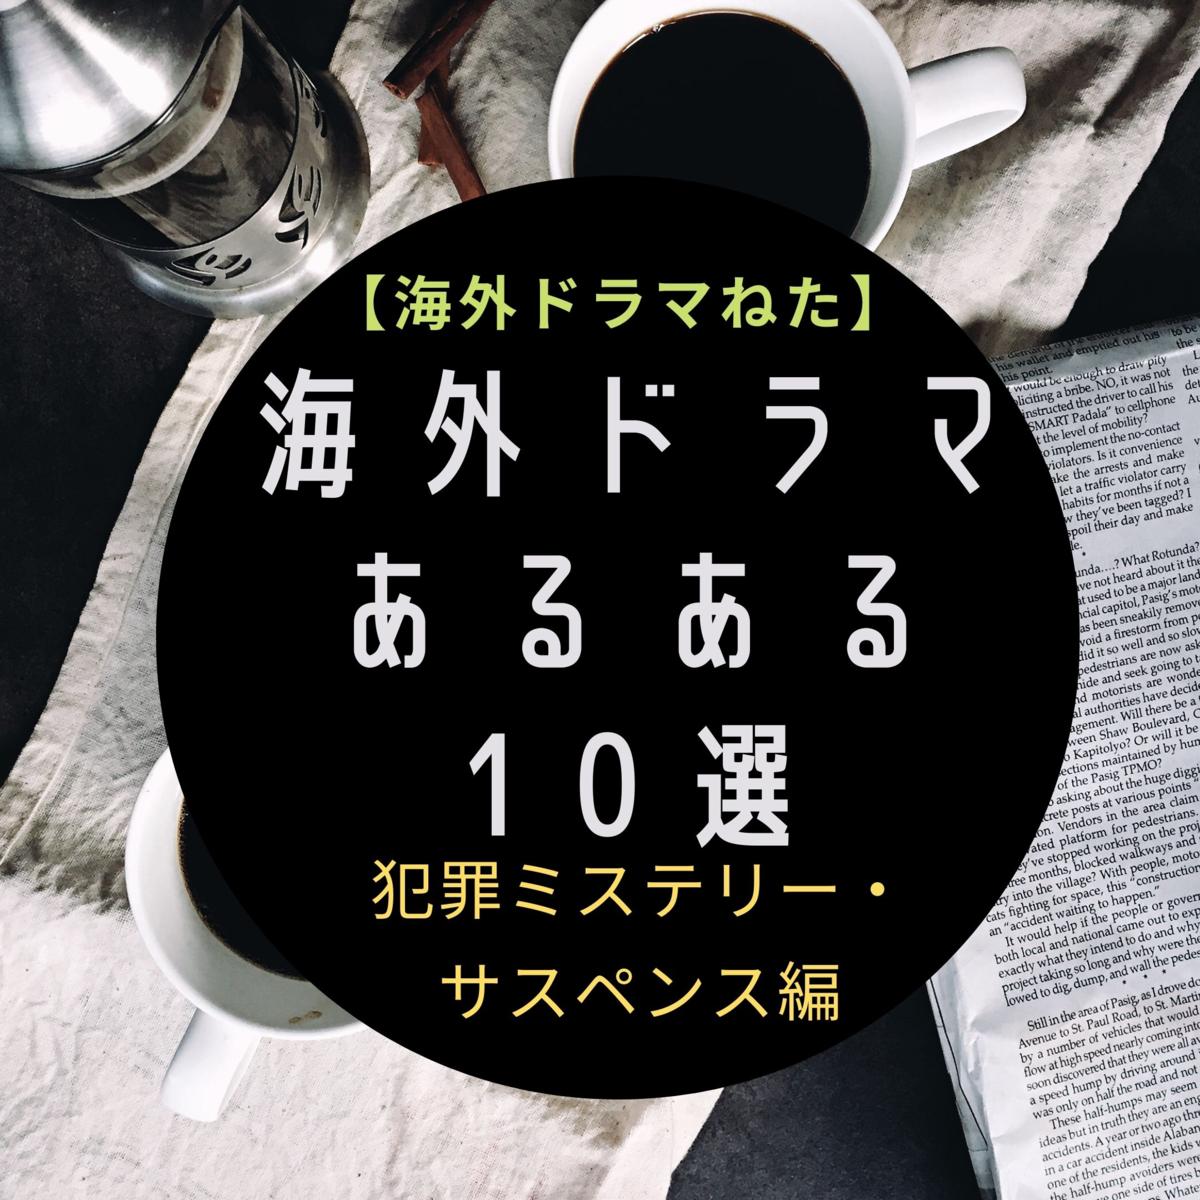 【海外ドラマねた】海外ドラマあるある10選(犯罪ミステリー/サスペンス編)